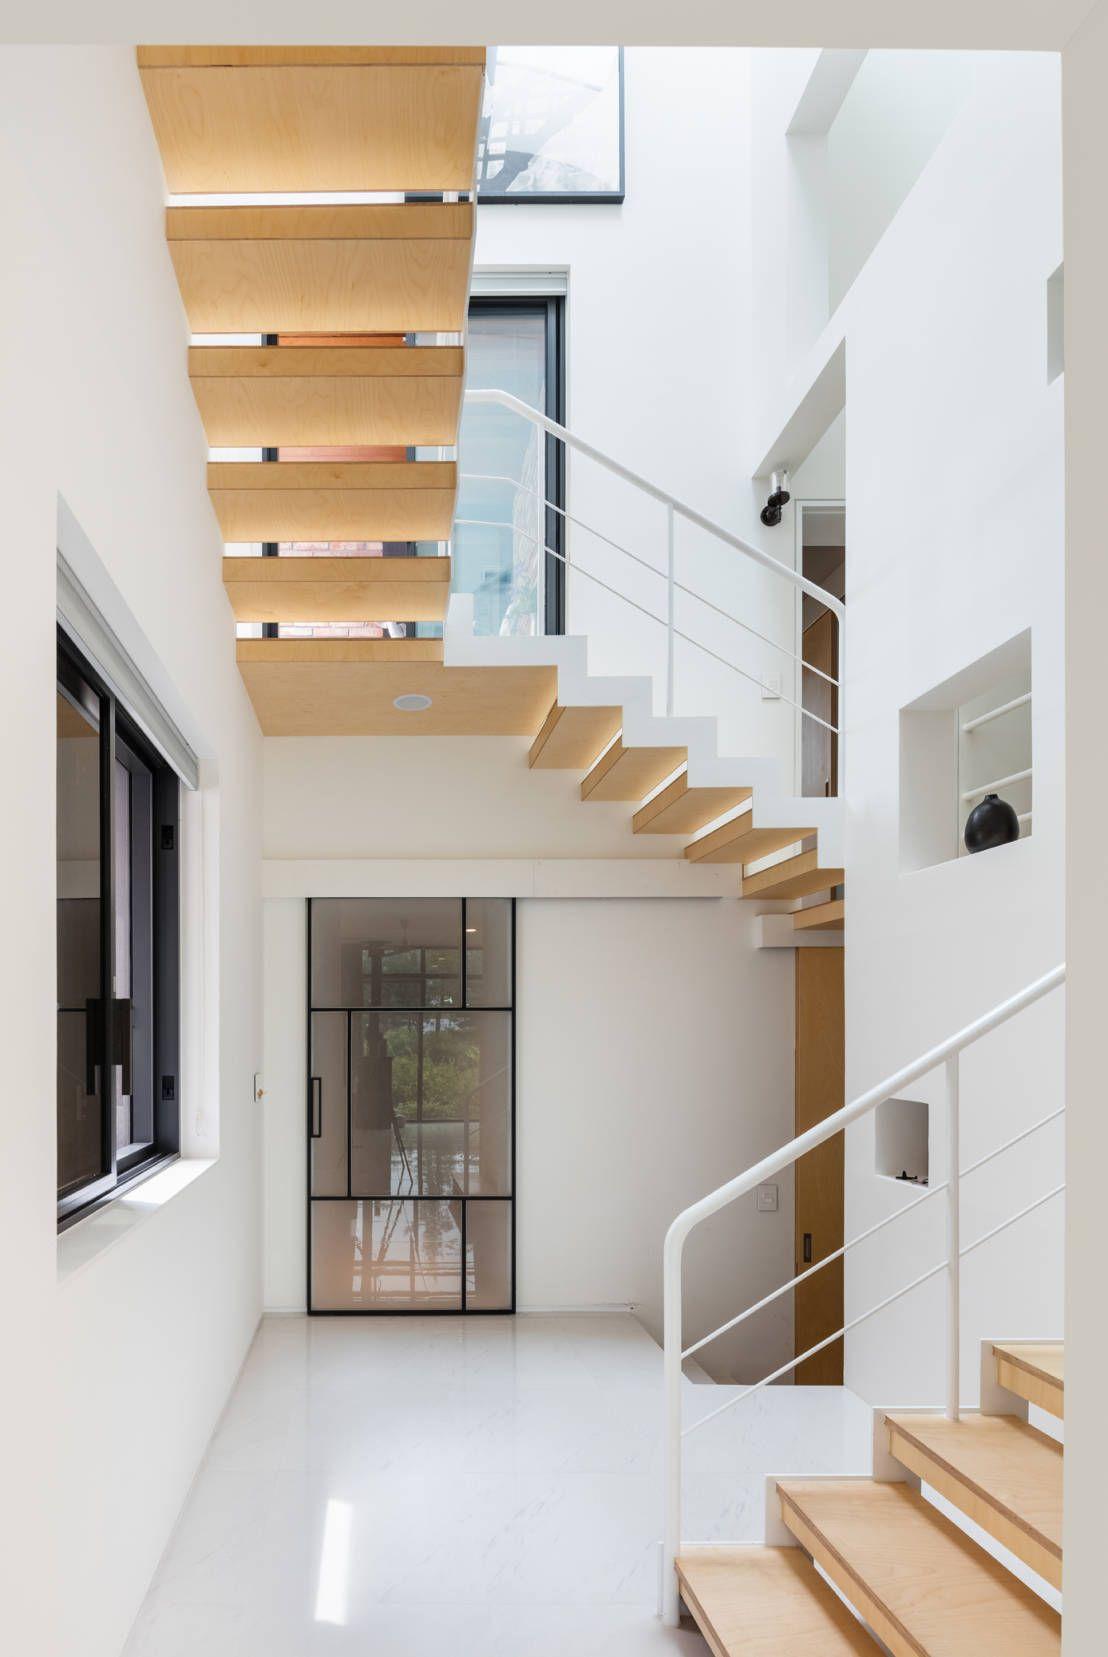 Futuristisch Bakstenen Huis Met Strak Interieur. Design LabMinimalist ...